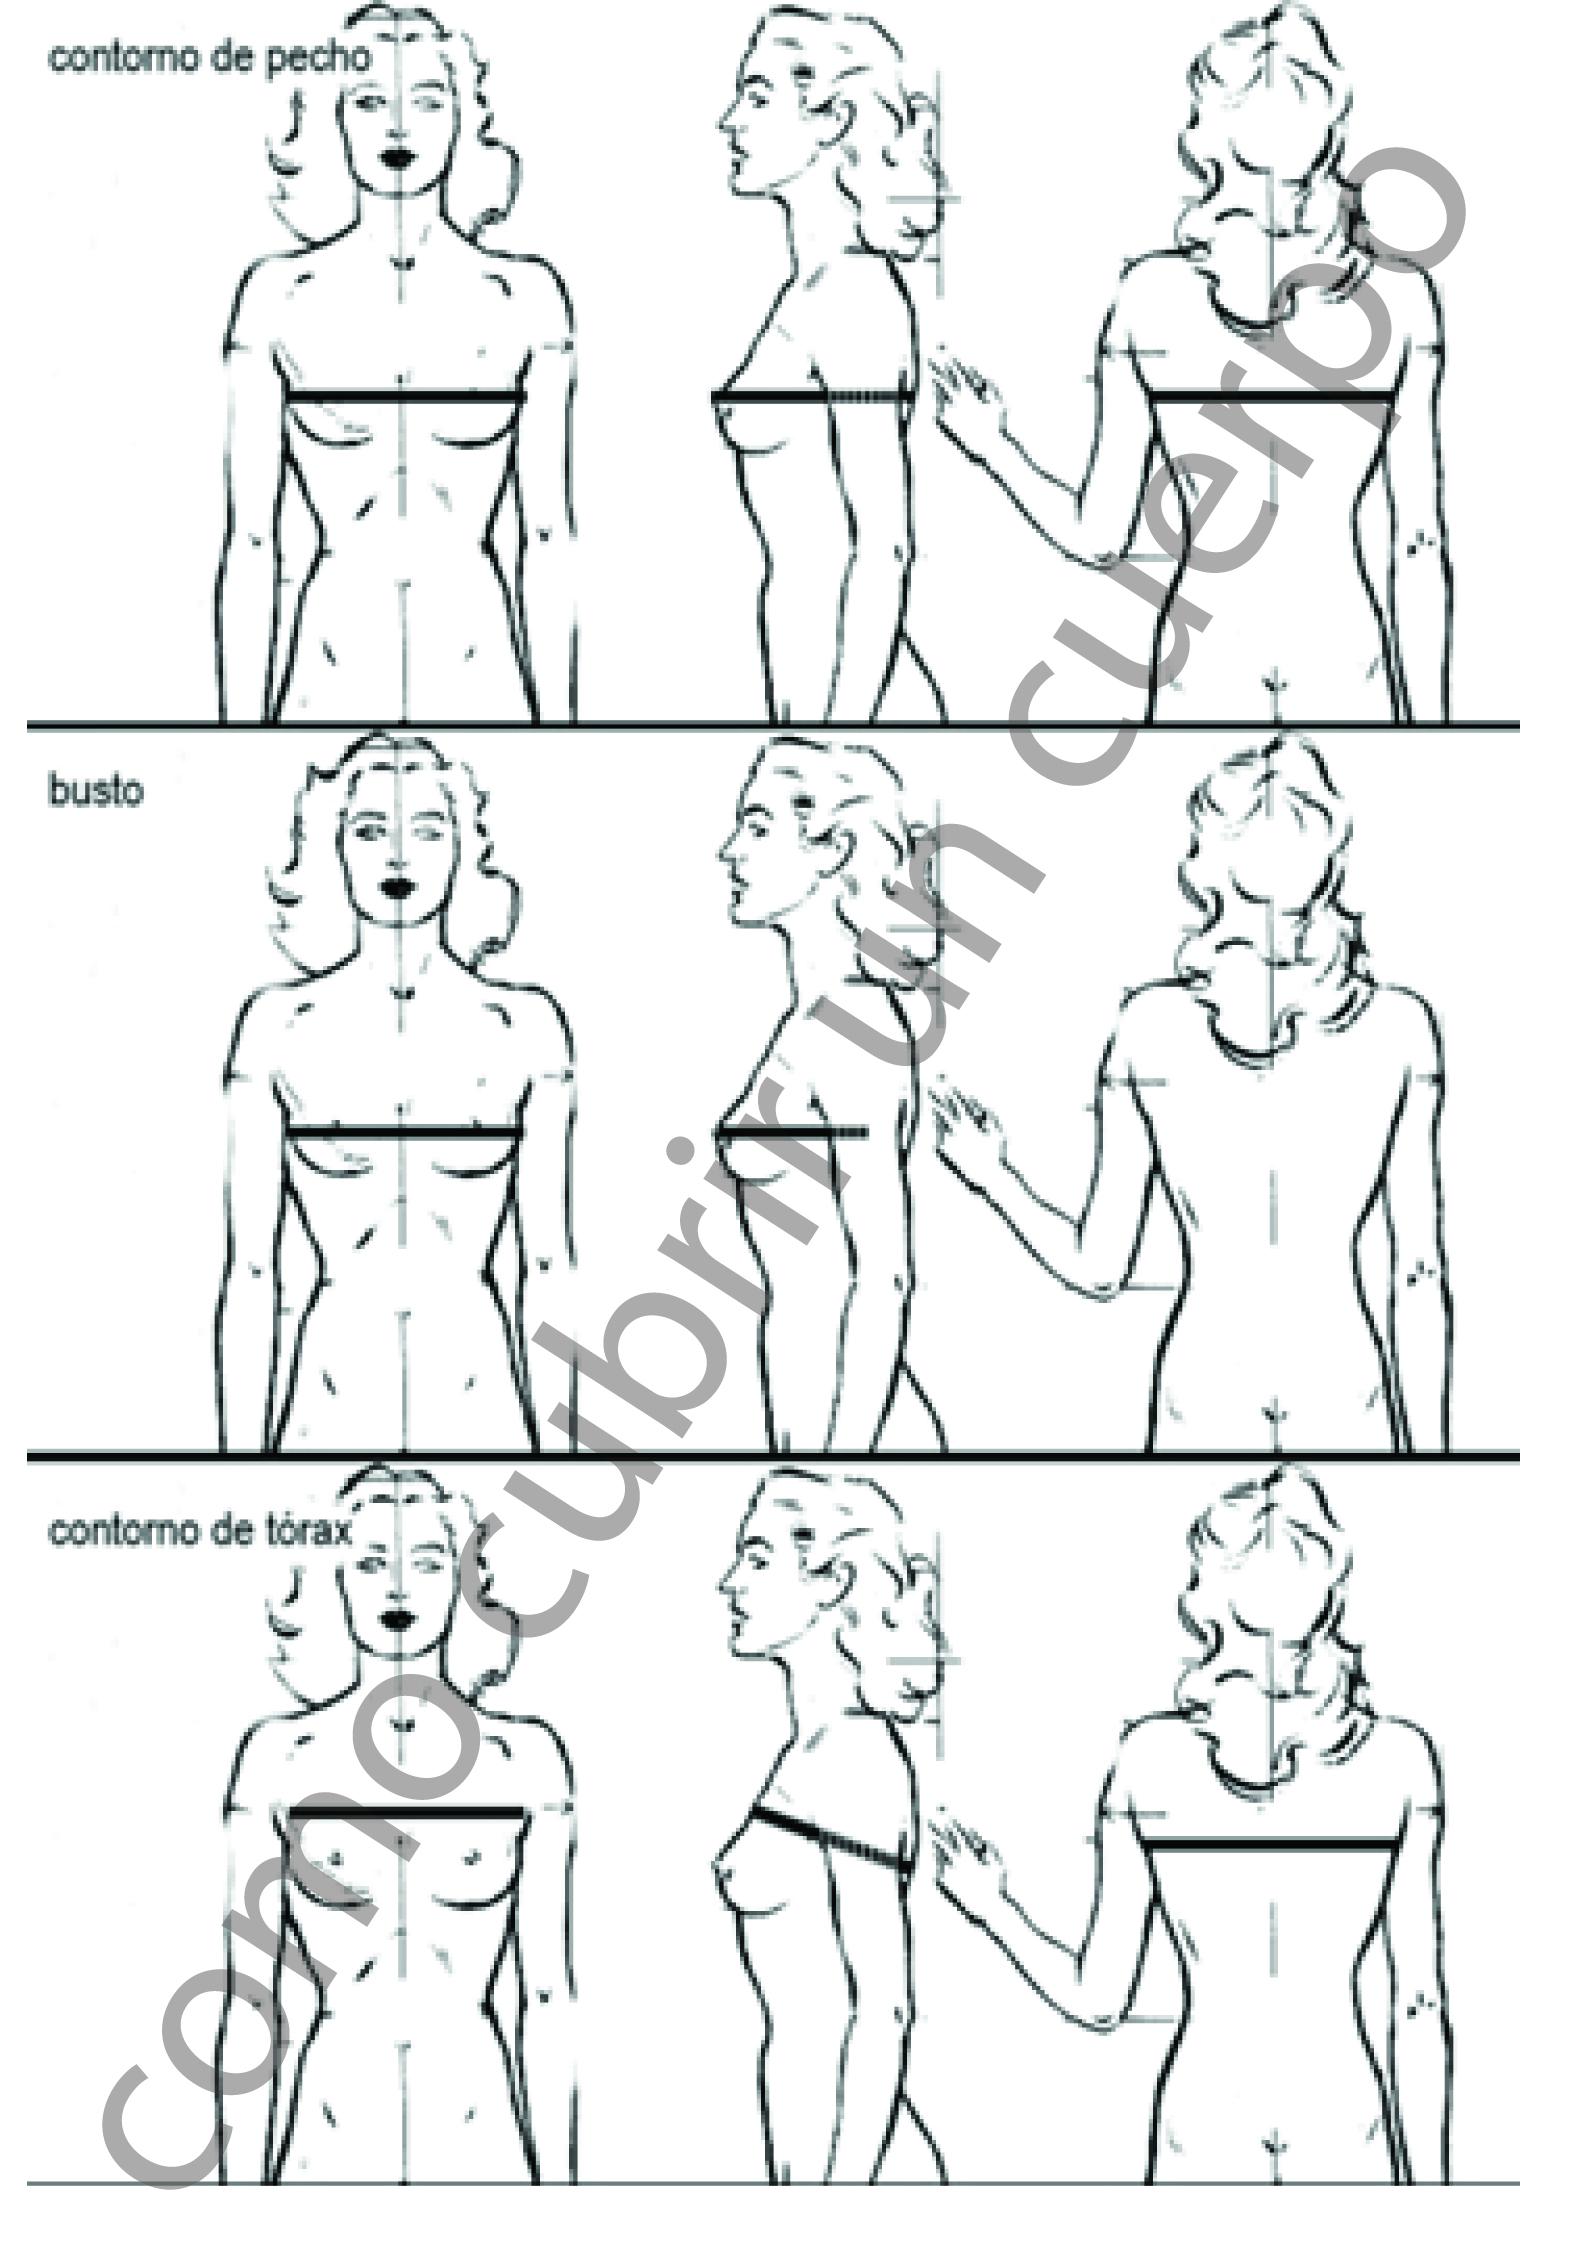 Medidas (5) El contorno de pecho femenino. | Cómo cubrir un cuerpo